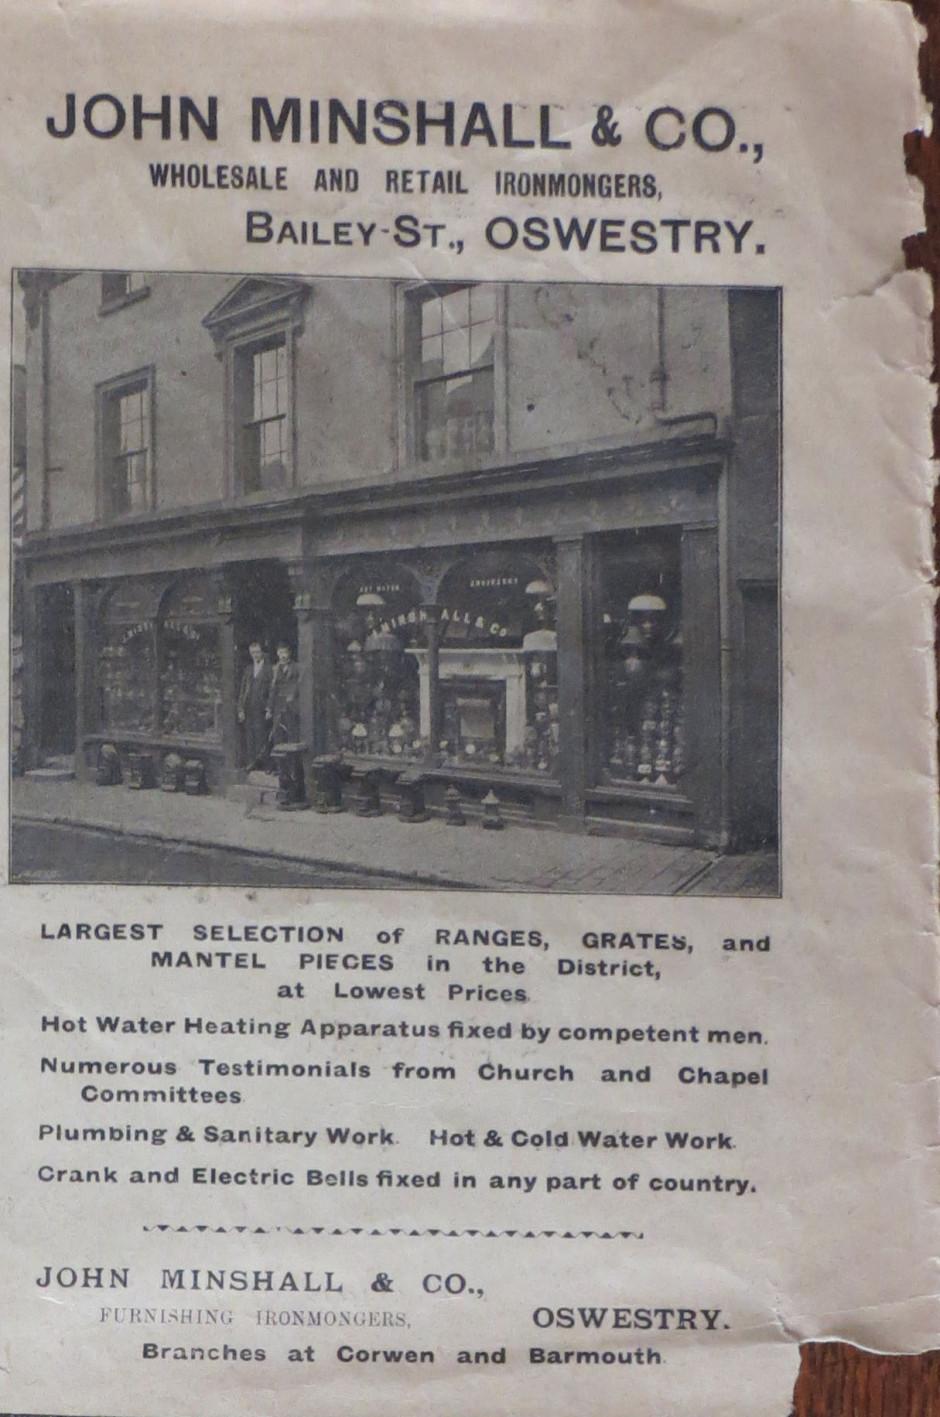 NP-O-5-3-23 - Minshall Ironmongers 1899